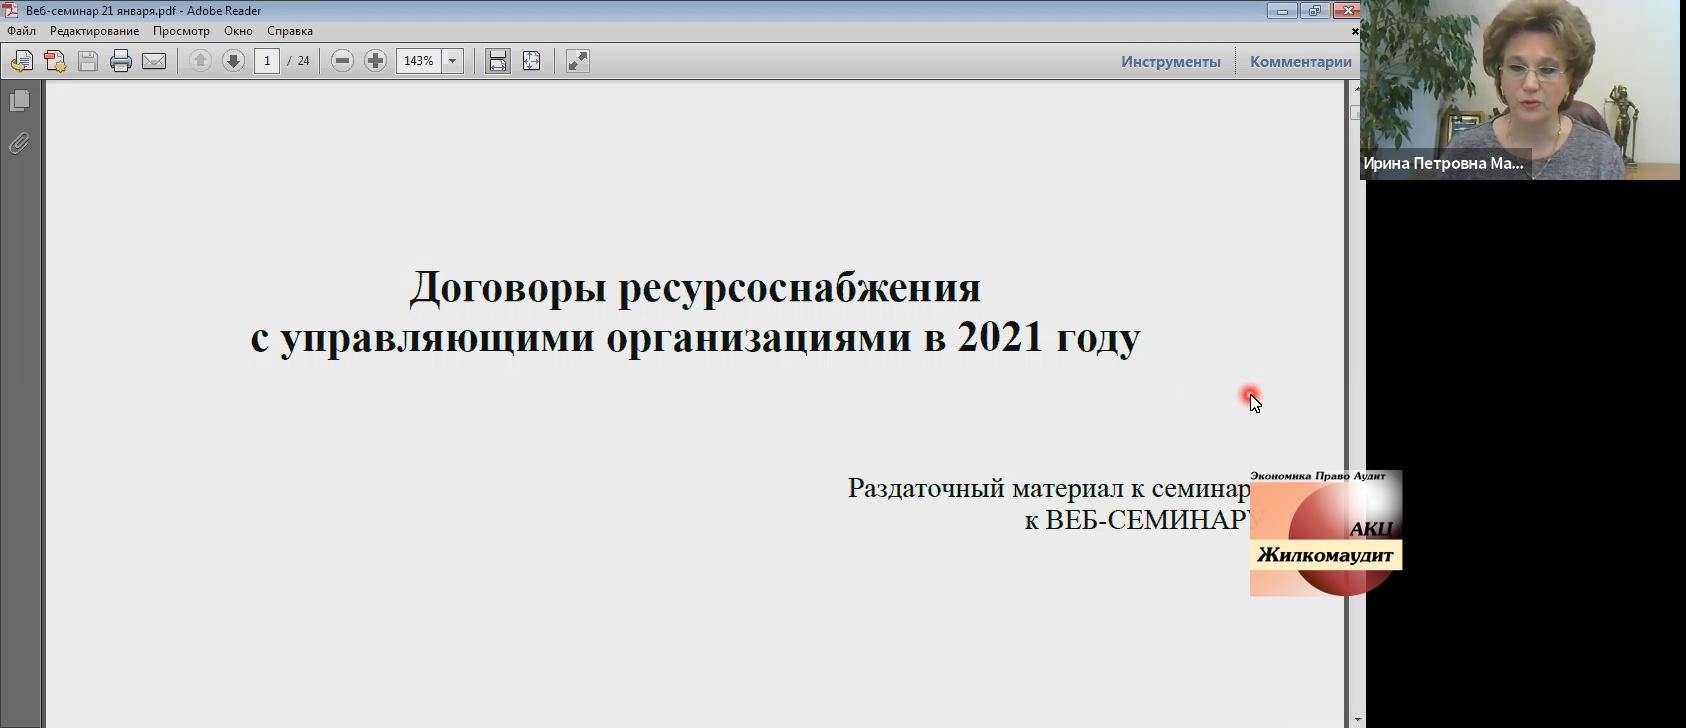 Договоры ресурсоснабжения с управляющими организациями в 2021 году (запись веб-семинара от 21 января 2021)